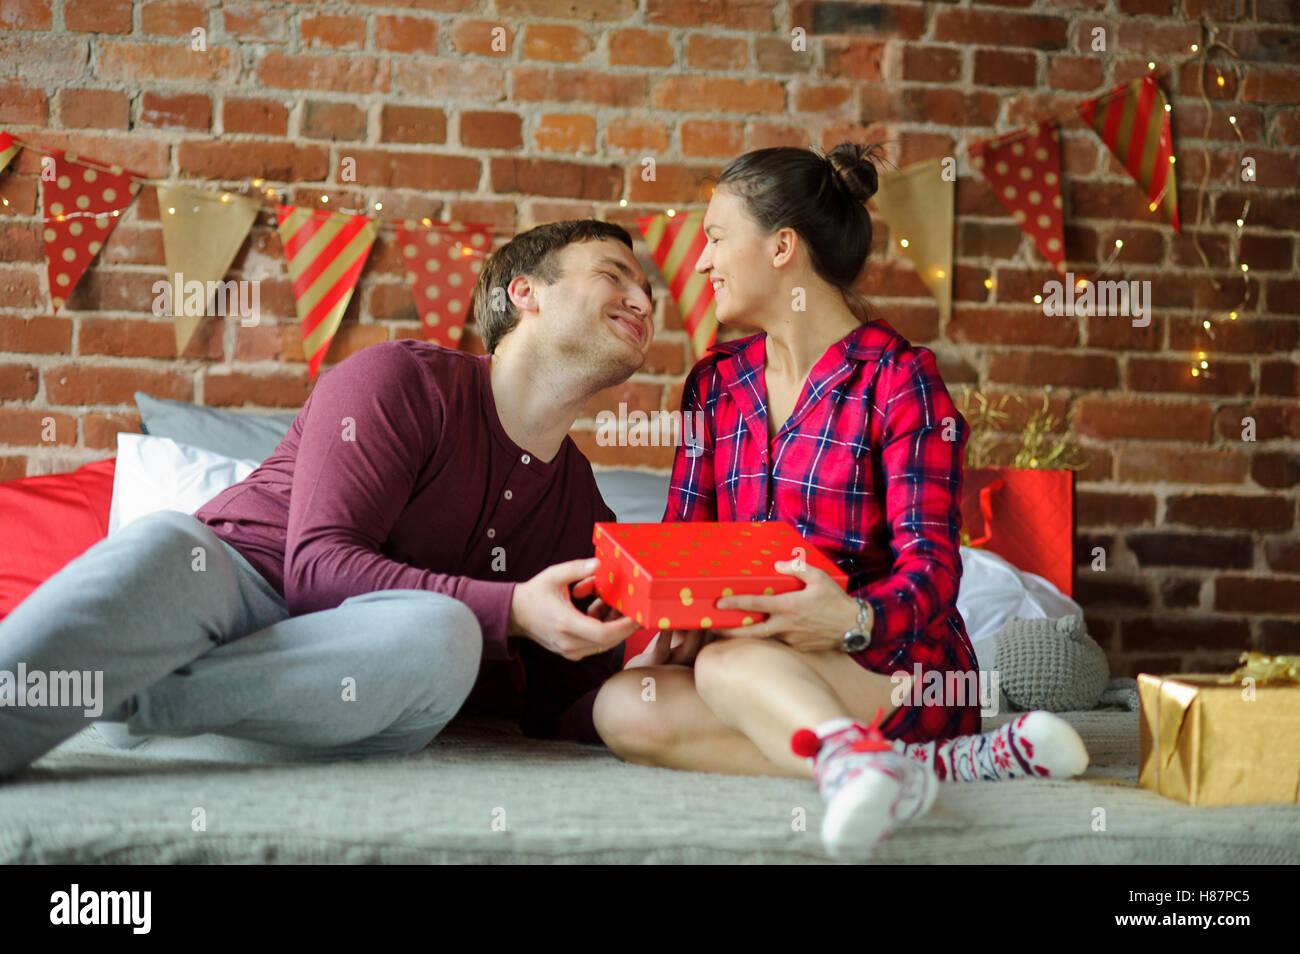 Weihnachten. Junges Paar gratulieren einander einen sanften Kuss ...